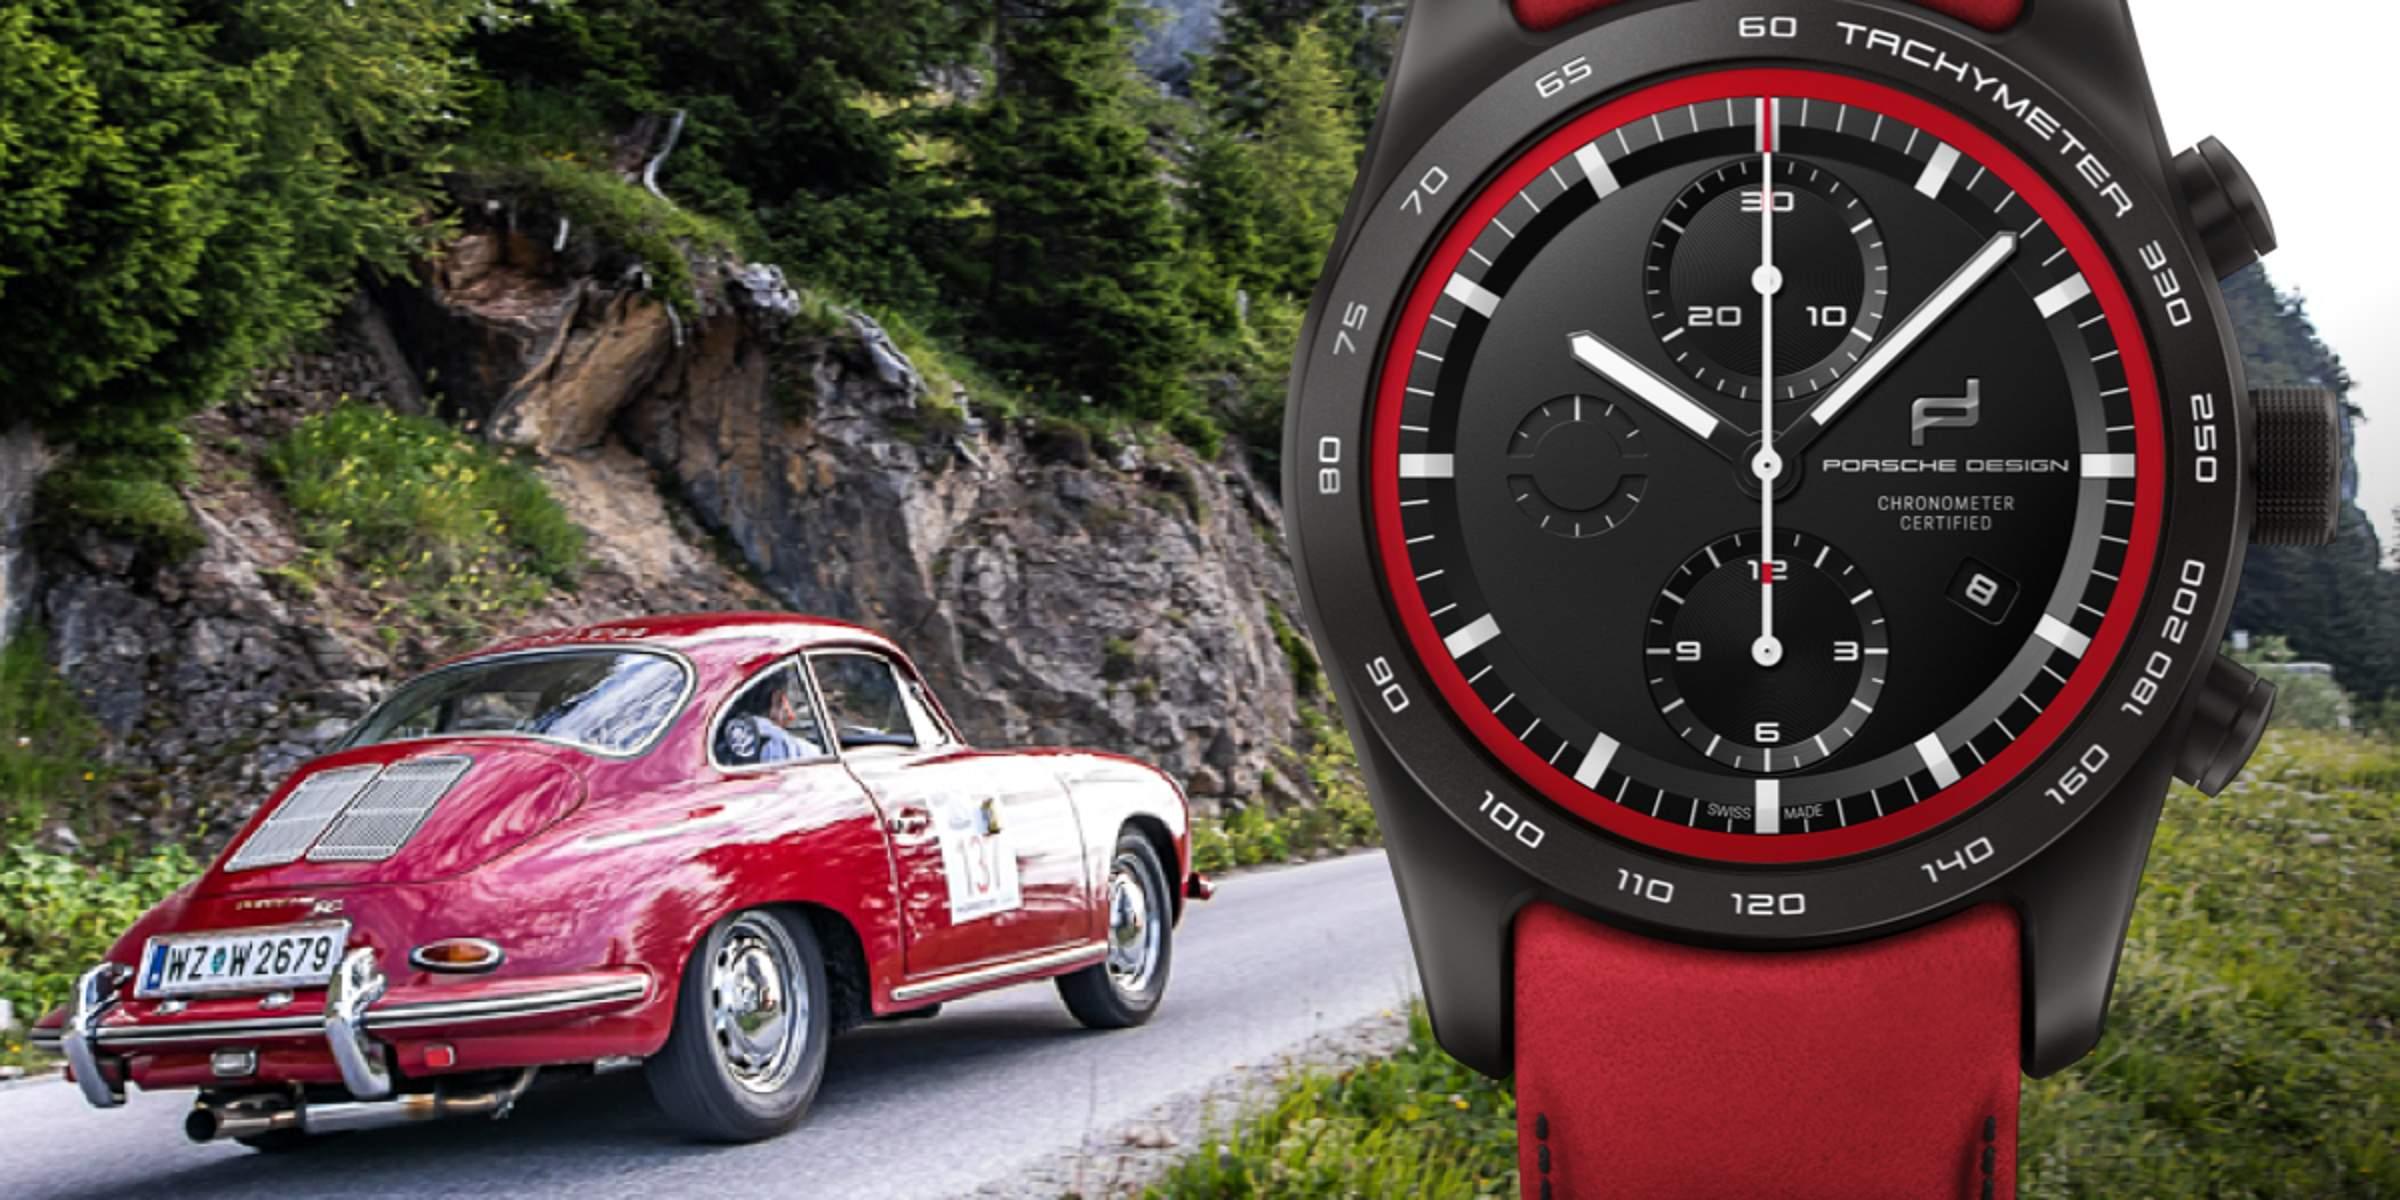 Porsche Design Ennstal